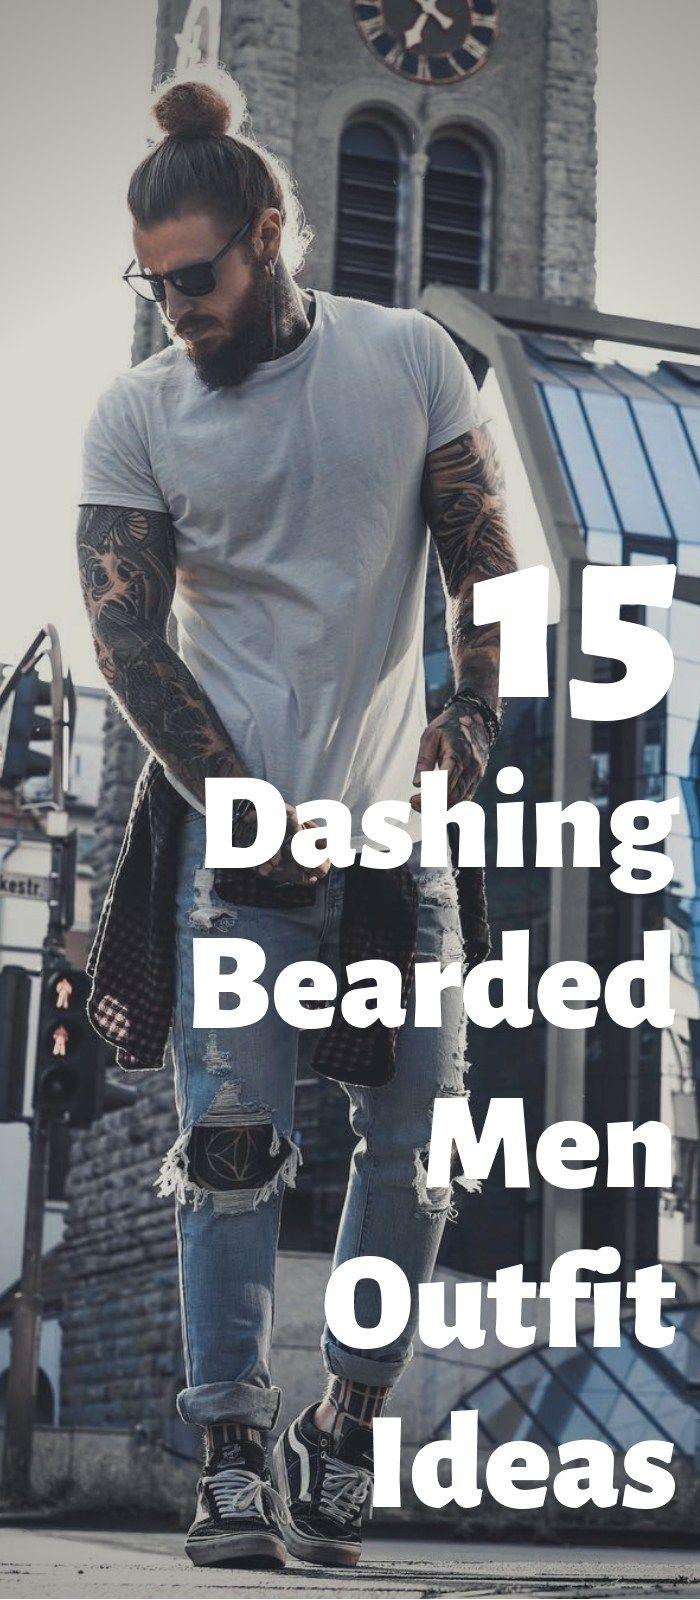 Photo of 15 schneidige bärtige Männer Outfit-Ideen zur Auswahl